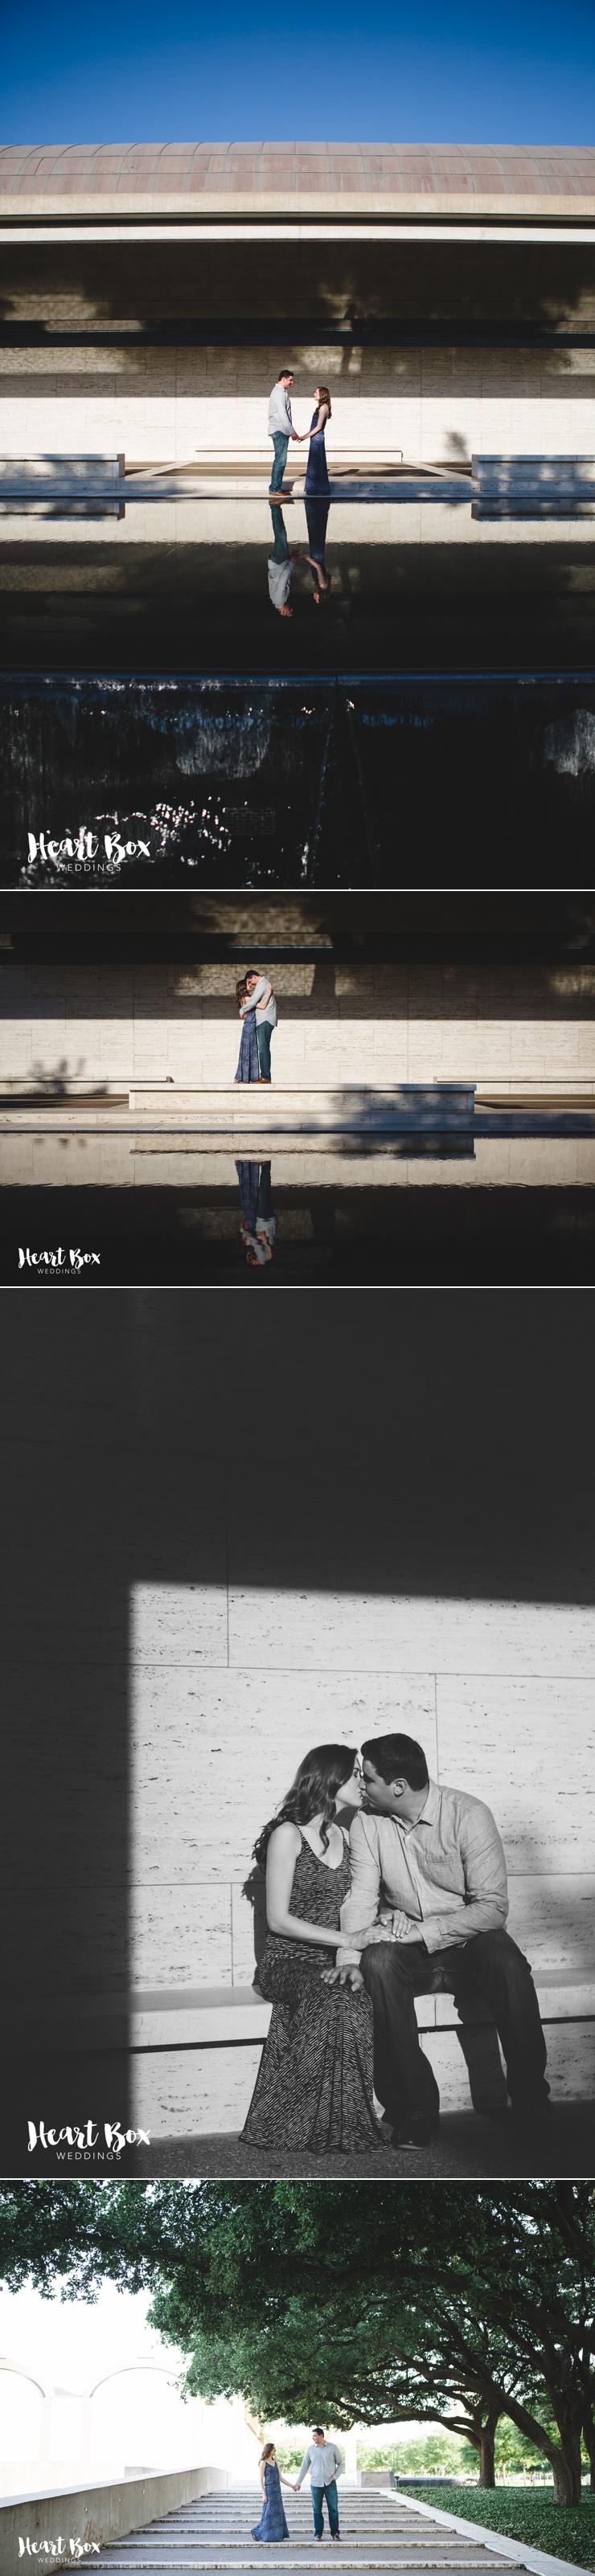 Jill Zach Engagement Blog Collages 3.jpg